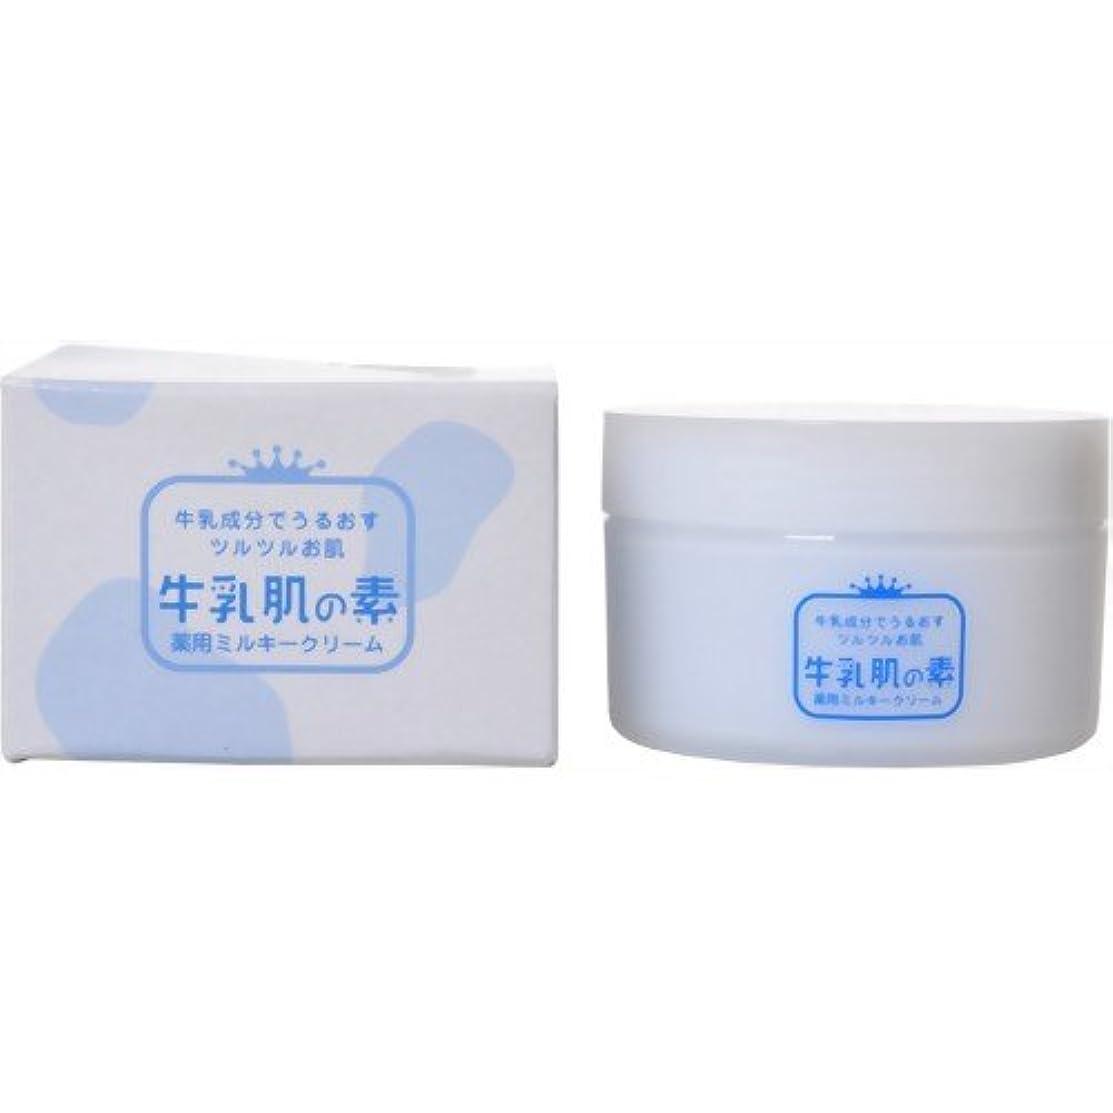 マングルジレンマズボン牛乳肌の素 薬用ミルキークリーム 90g 医薬部外品